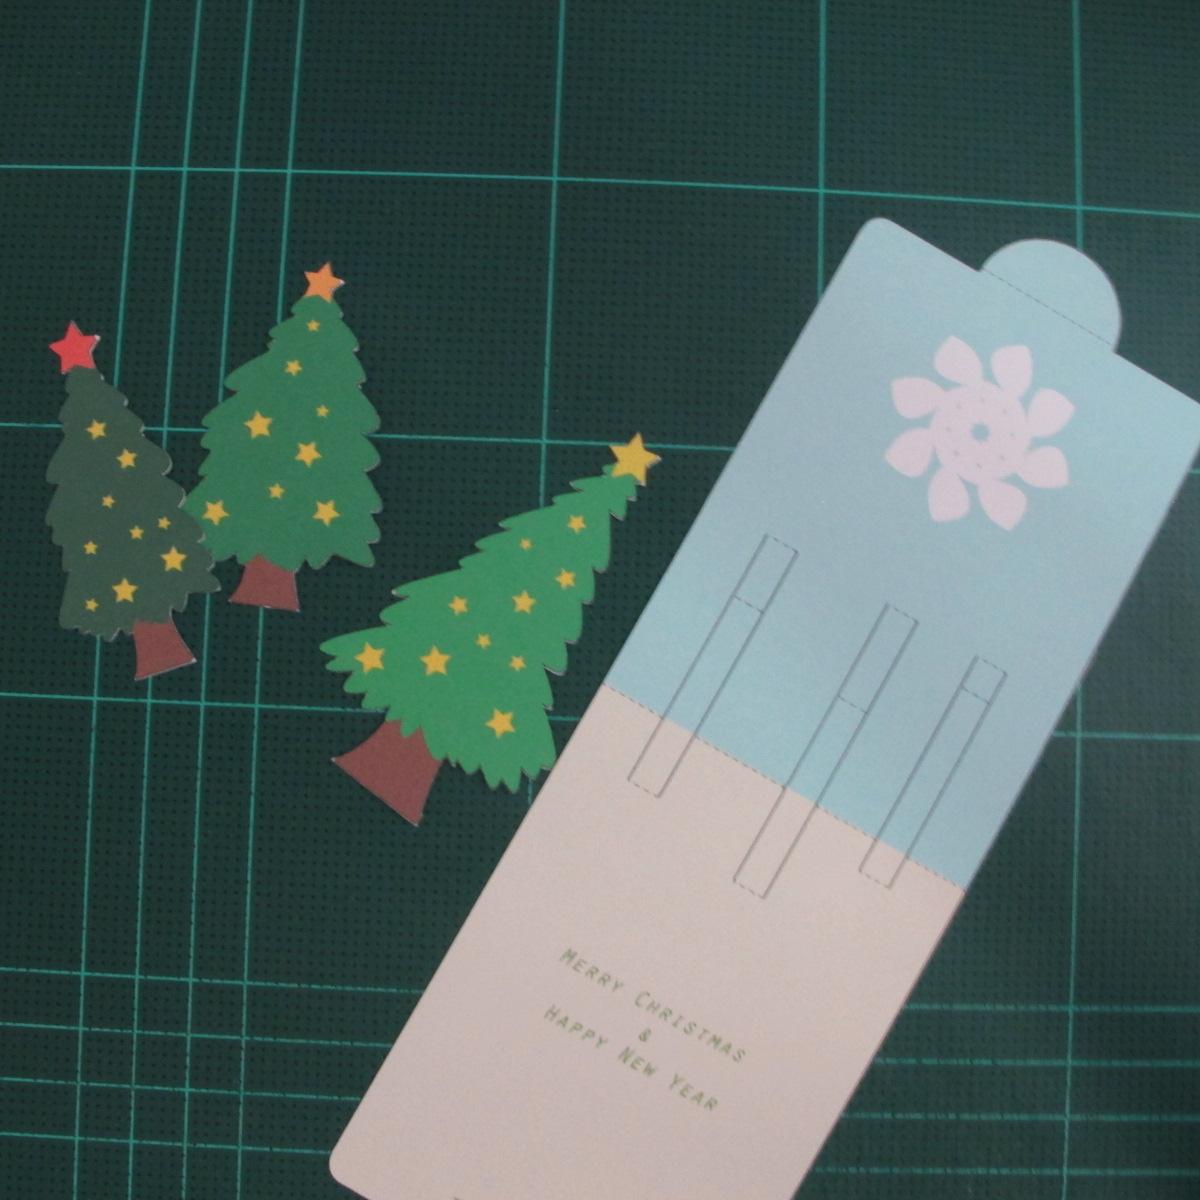 การทำการ์ดอวยพรลายต้นคริสต์มาสแบบป็อปอัป (Card Making Christmas Trees Pop-Up Card Template) 002